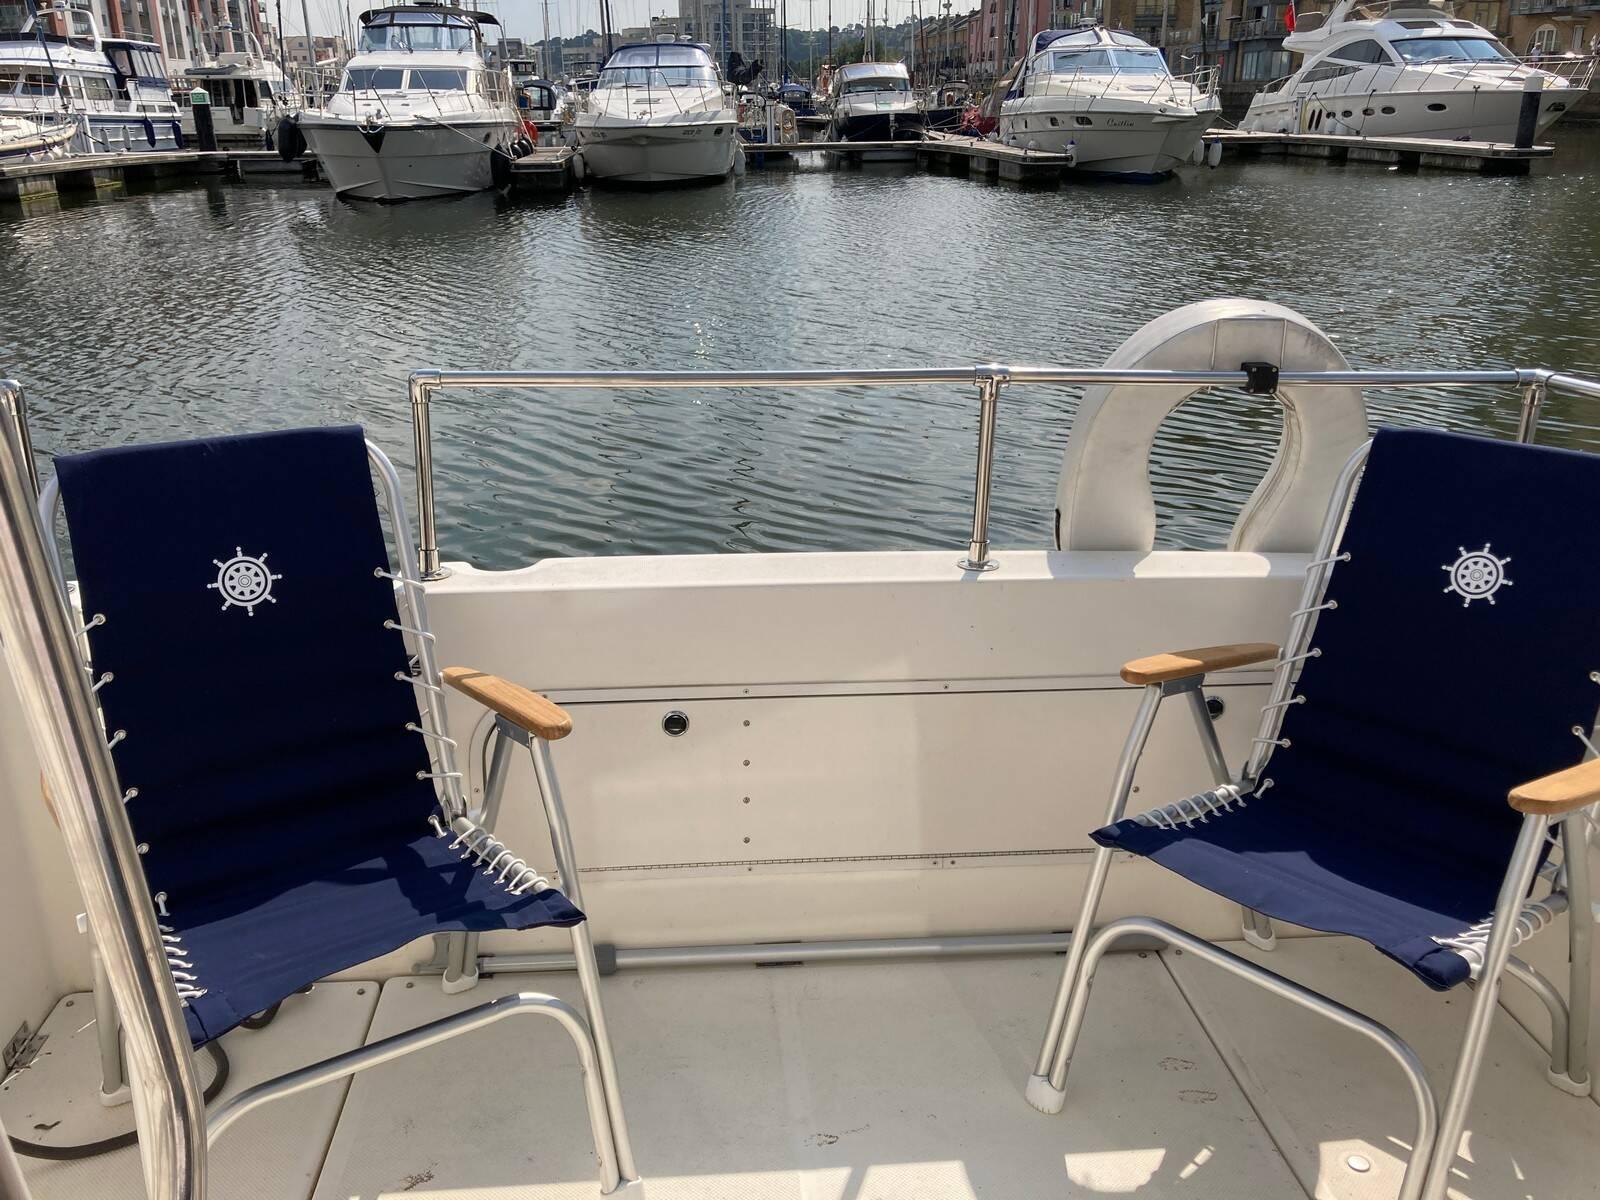 Bayliner 288 deck chairs